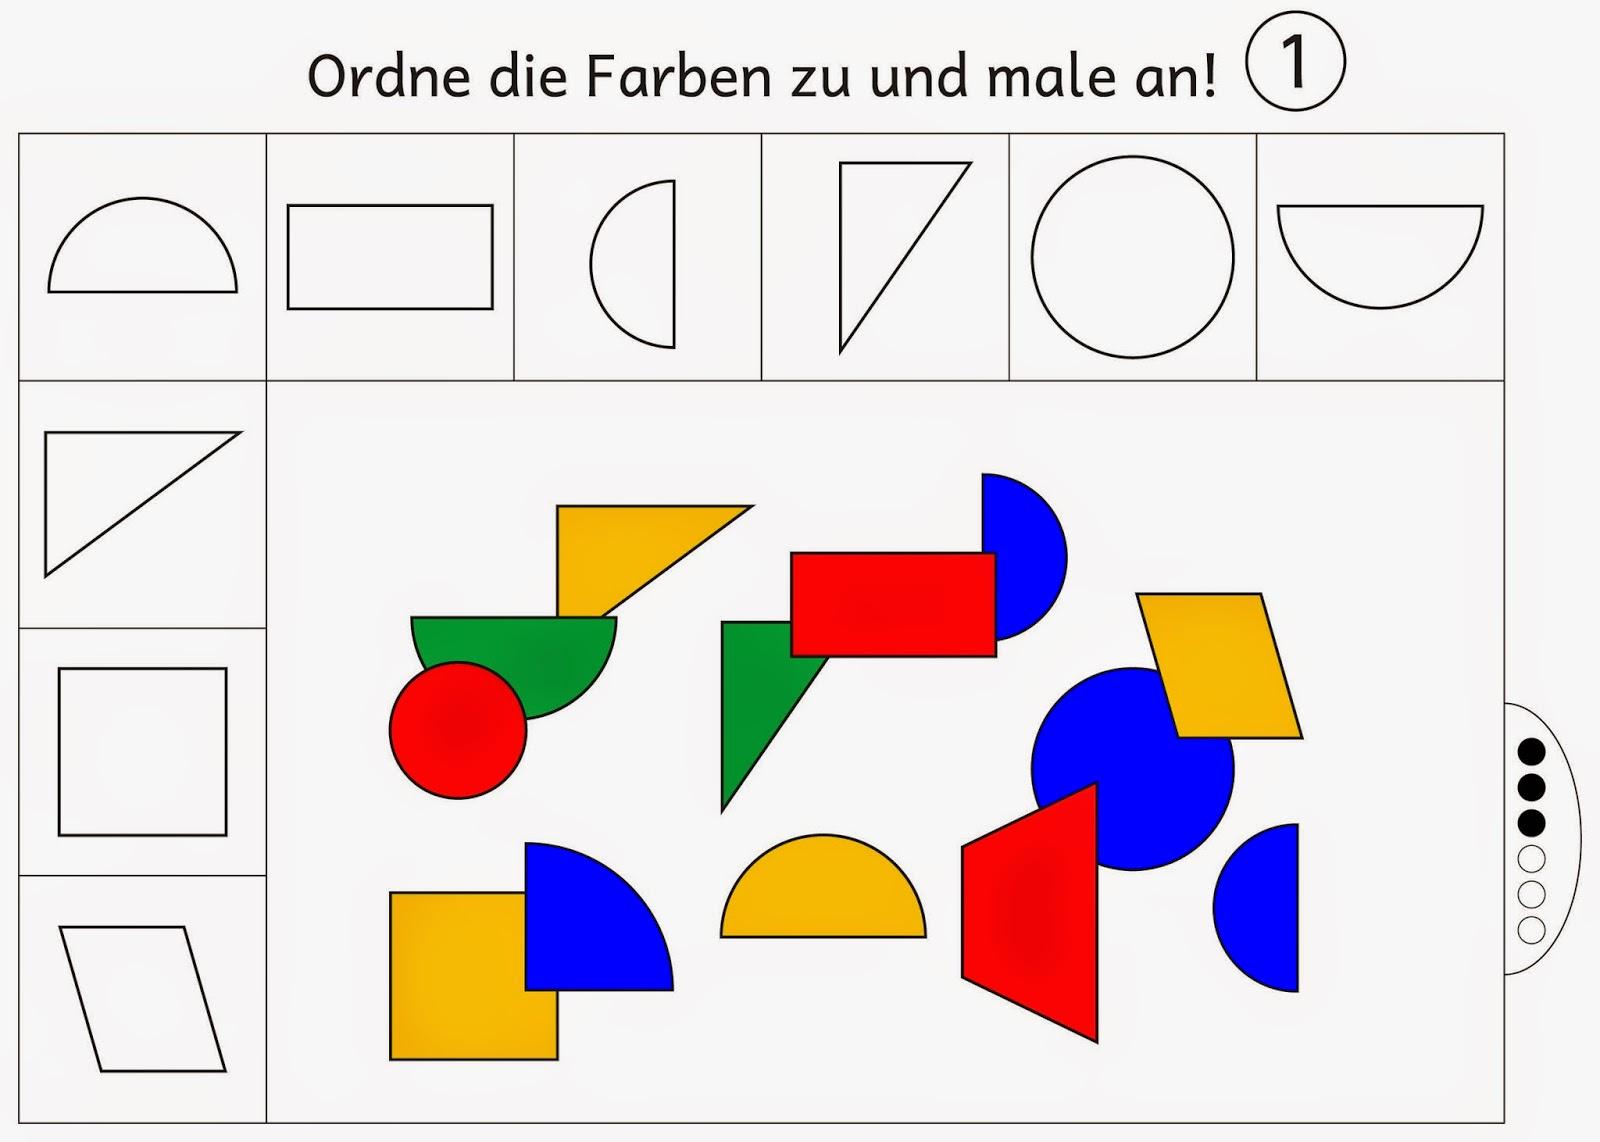 Ausgezeichnet Formen Färben Arbeitsblatt Zeitgenössisch - Druckbare ...